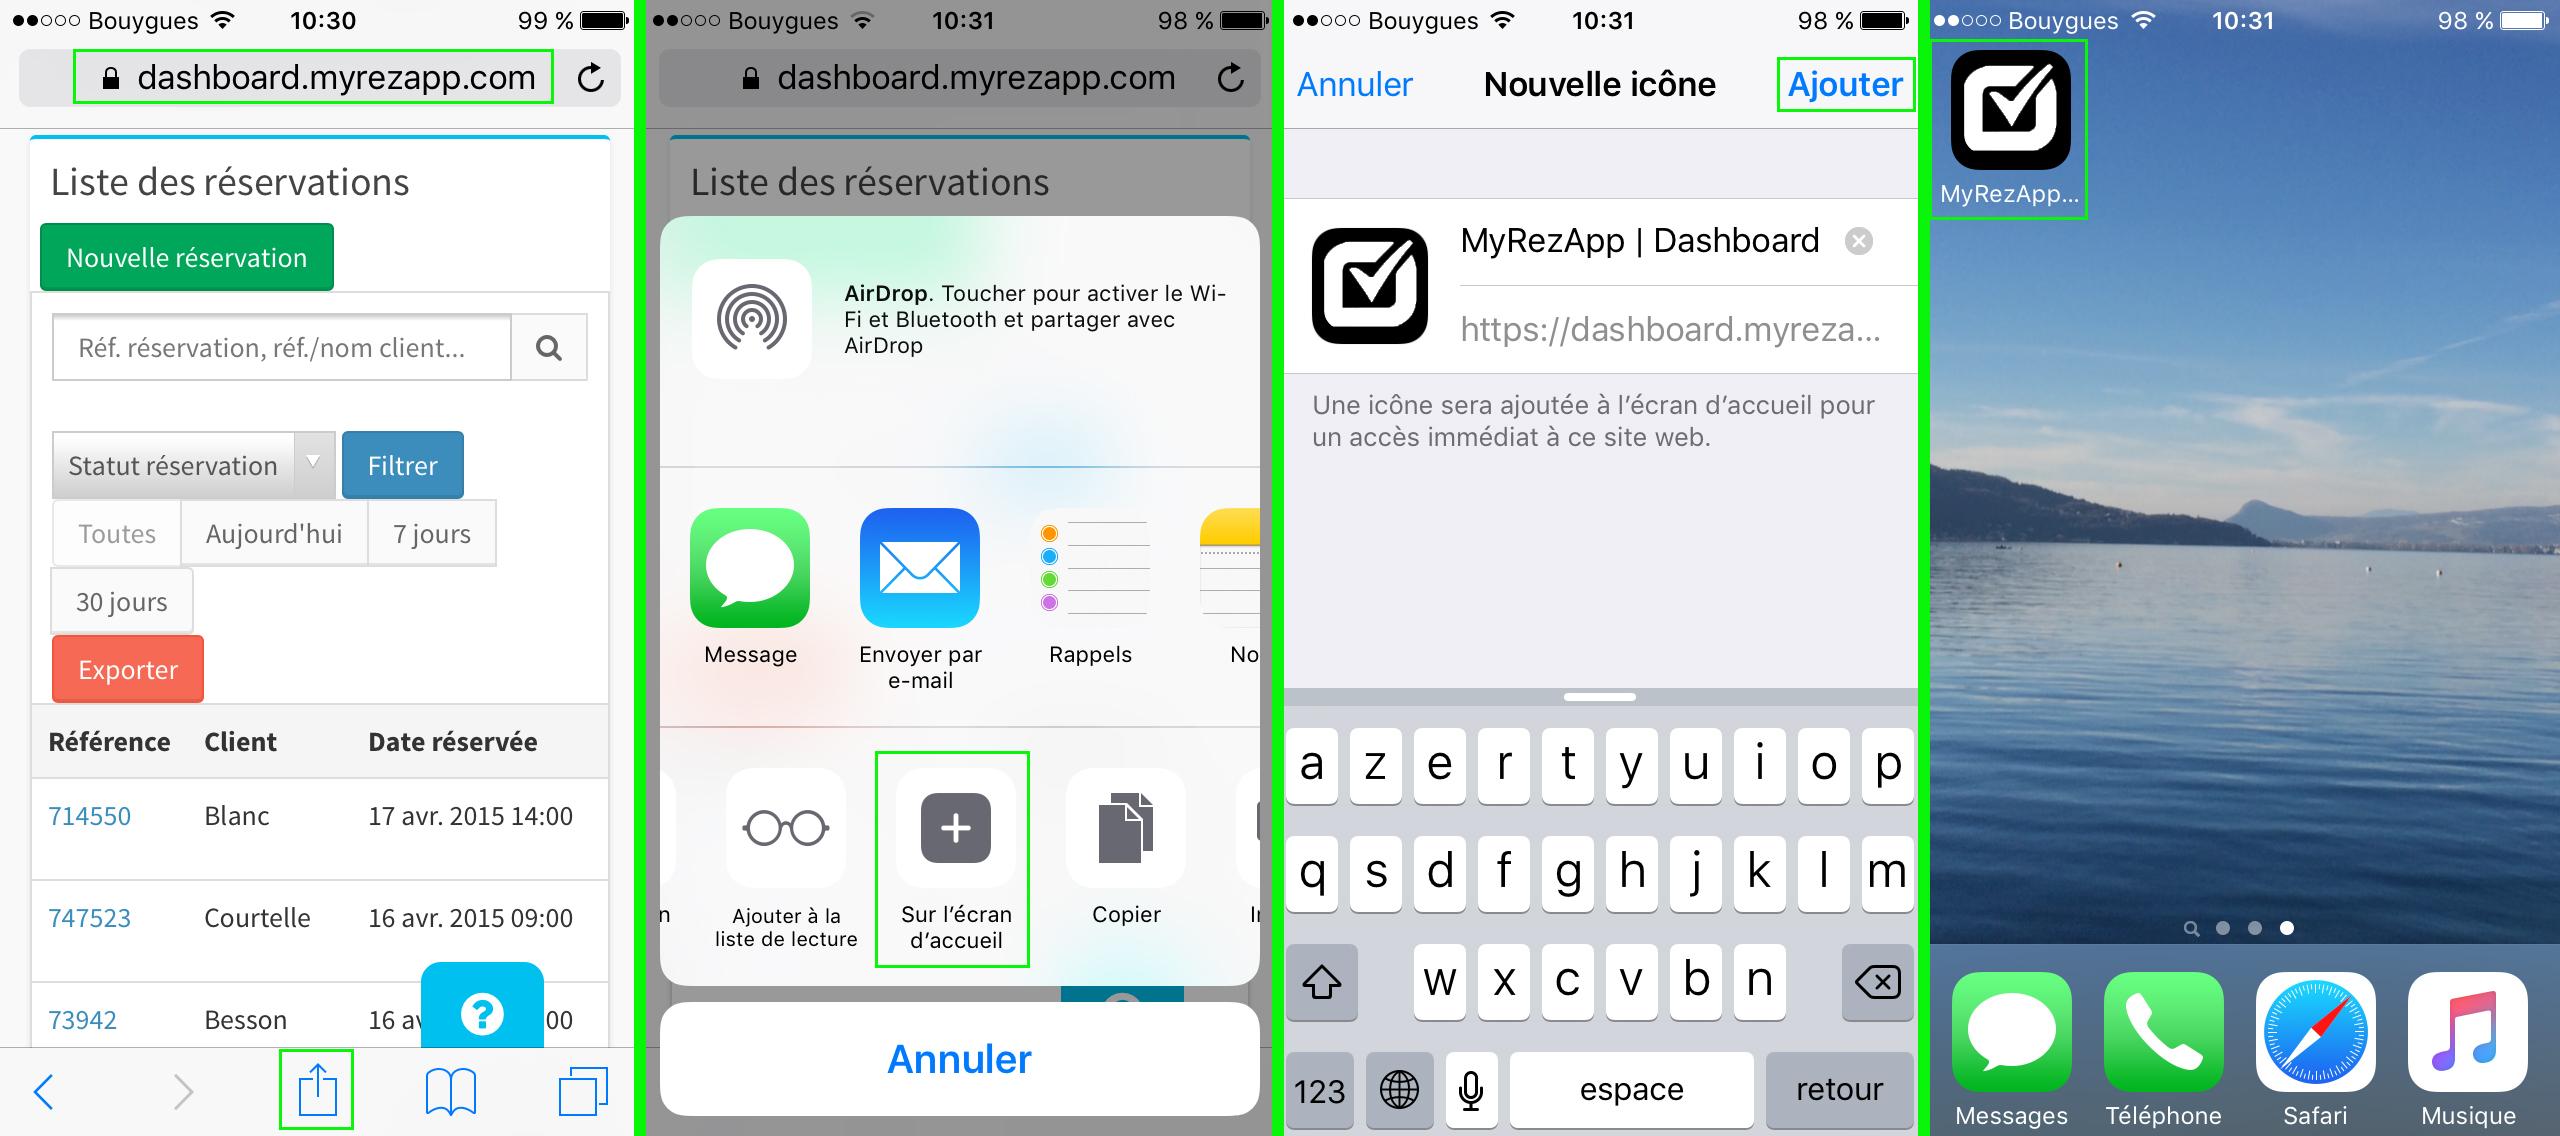 raccourci MyRezApp sur iPhone